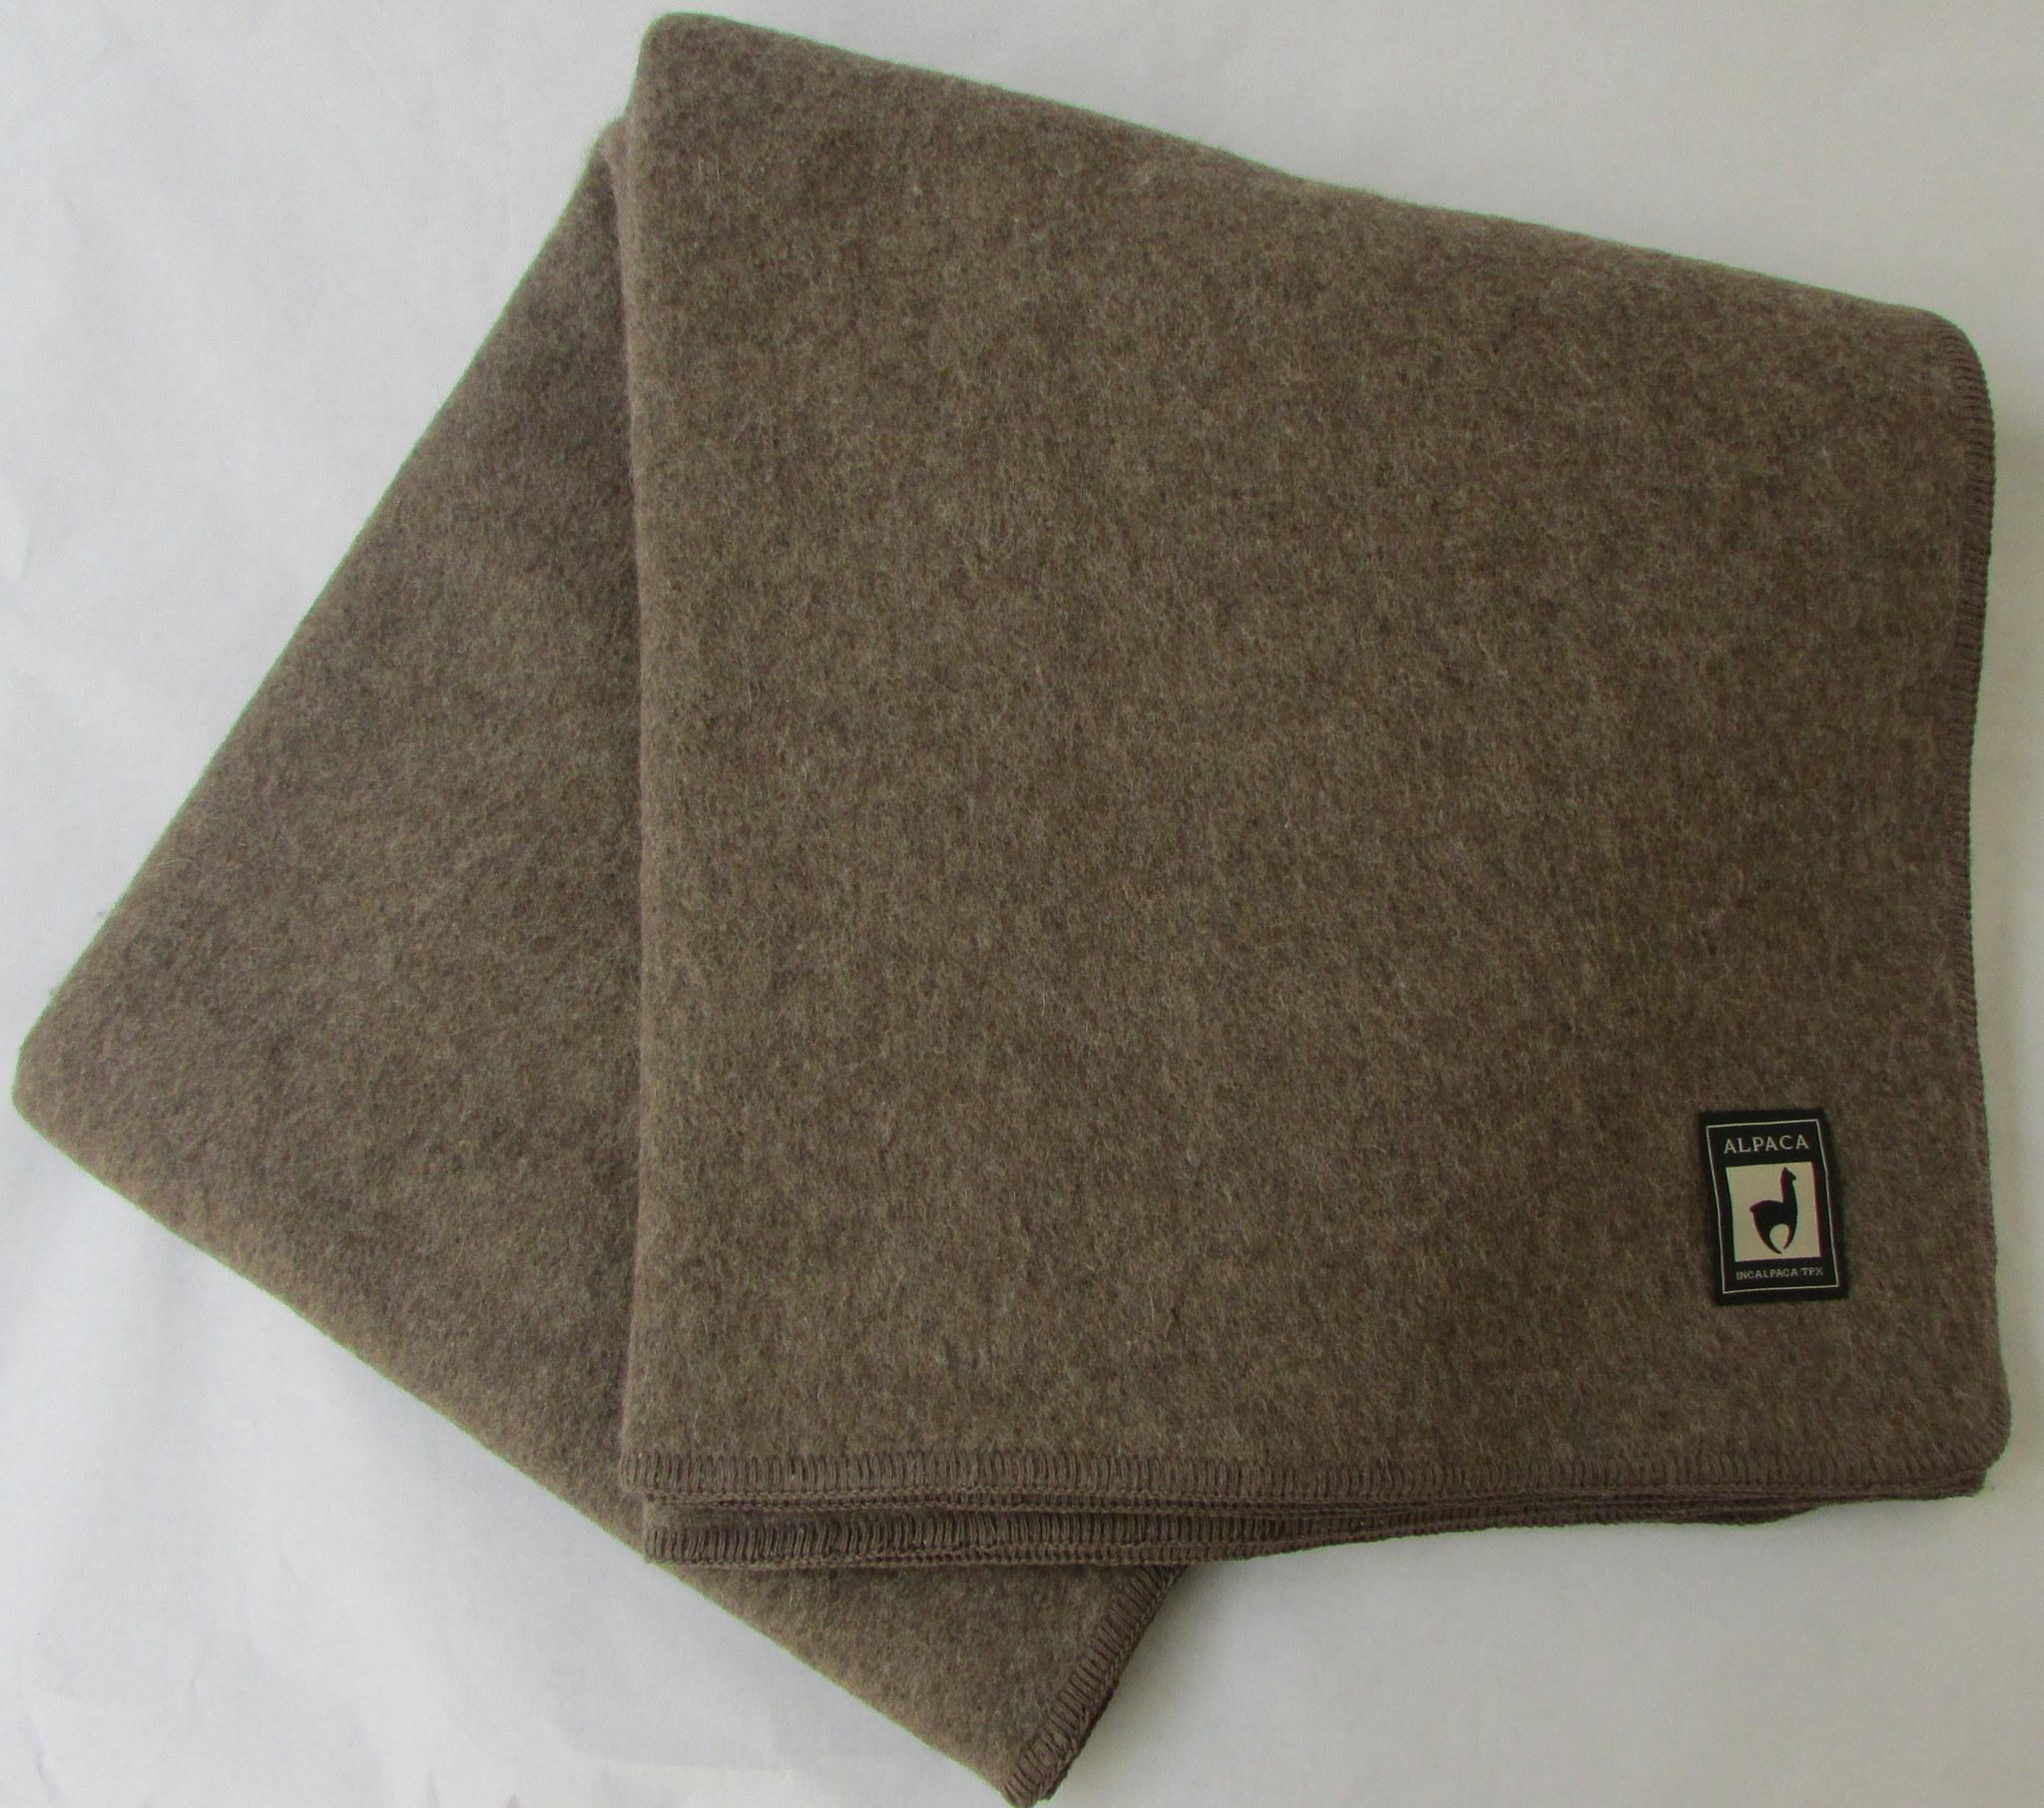 Шерстяные одеяла Одеяло INCALPACA Перу из шерсти альпаки OA-3 OA-3.JPG